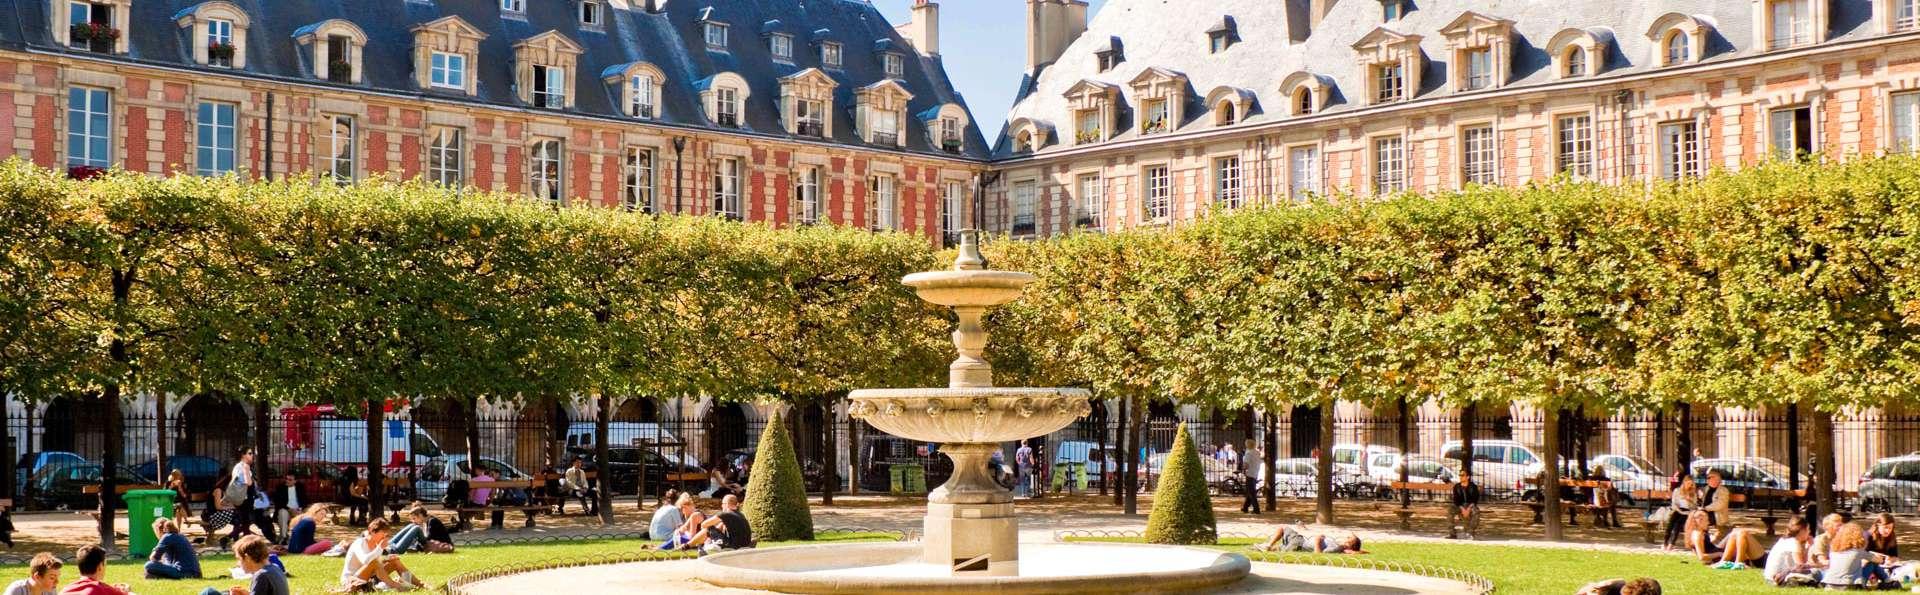 Séjour 3 étoiles avec petit-déjeuner inclus en plein Paris